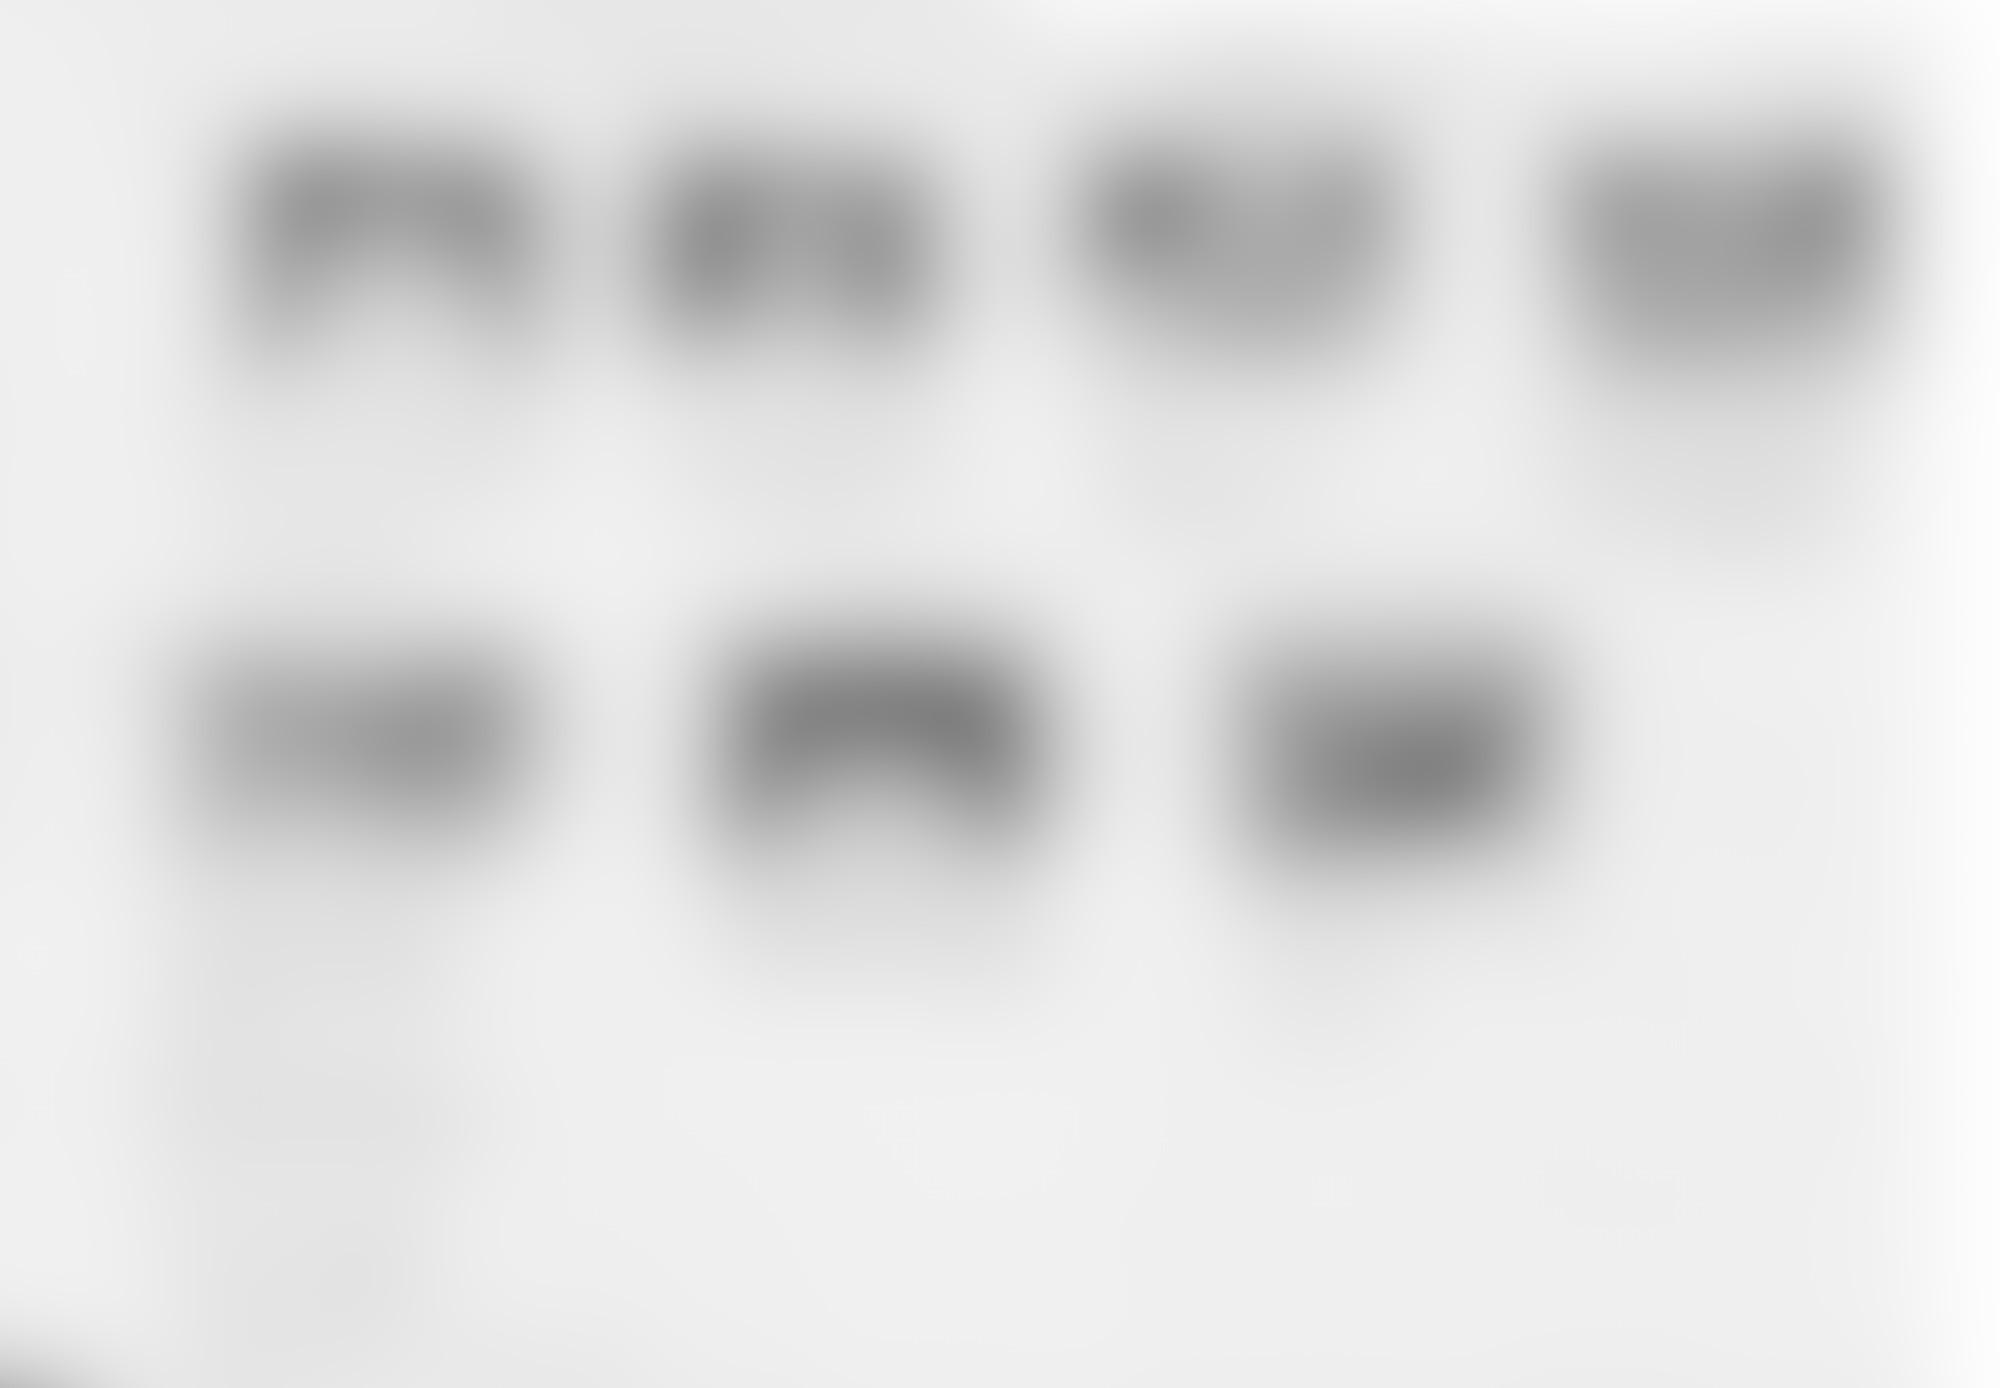 2097 S Boards 01 autocompressfitresizeixlibphp 1 1 0max h2000max w3 D2000q80s5d2dd5e594b67f93289f2d17db7022af